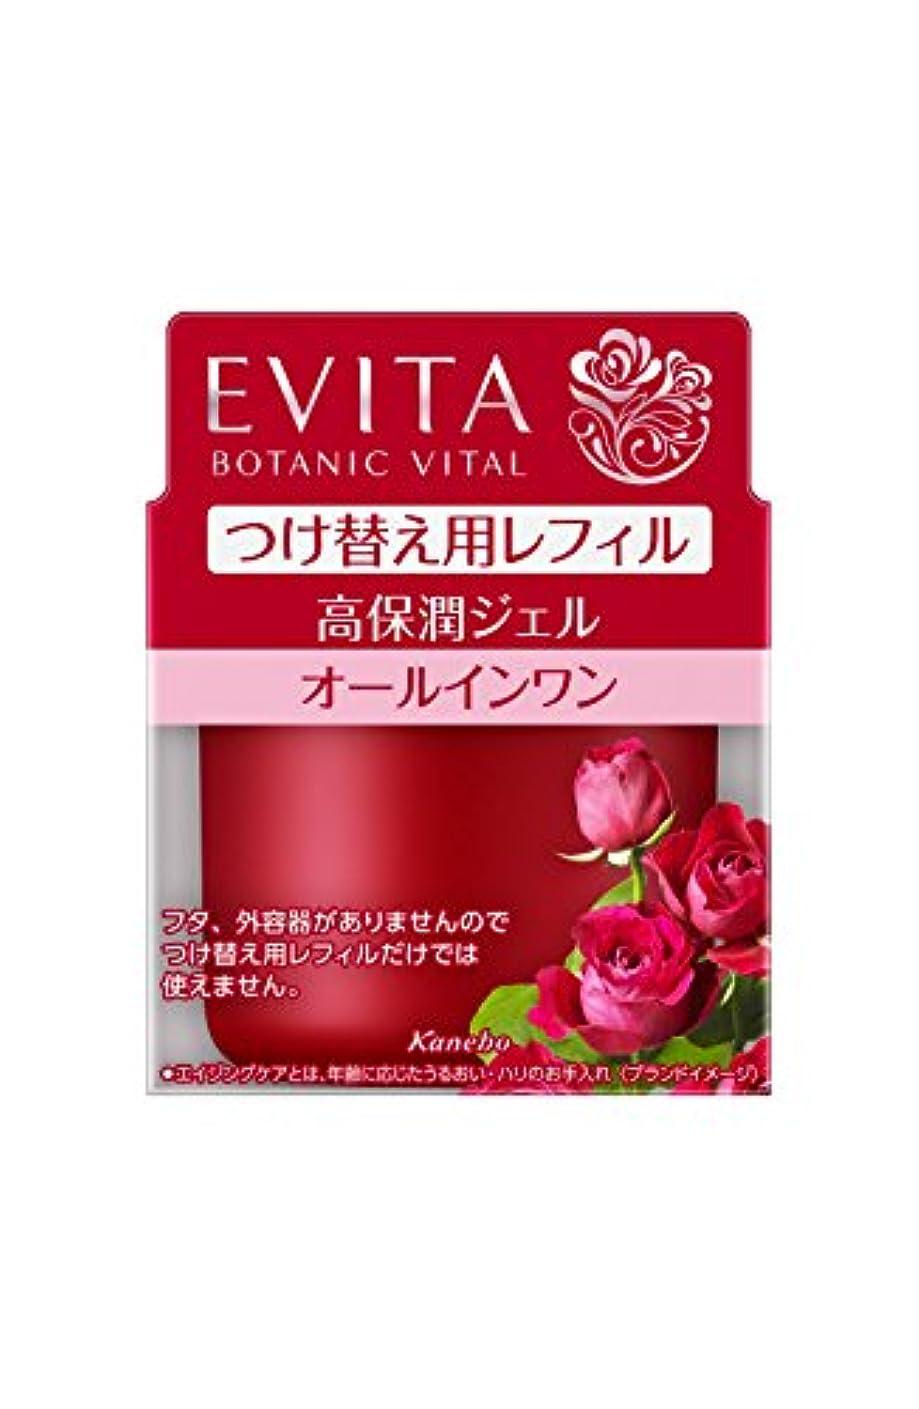 標準ために委託エビータ ボタニバイタル ディープモイスチャー ジェル〈つけ替え用レフィル〉 ナチュラルローズの香り オールインワンジェル